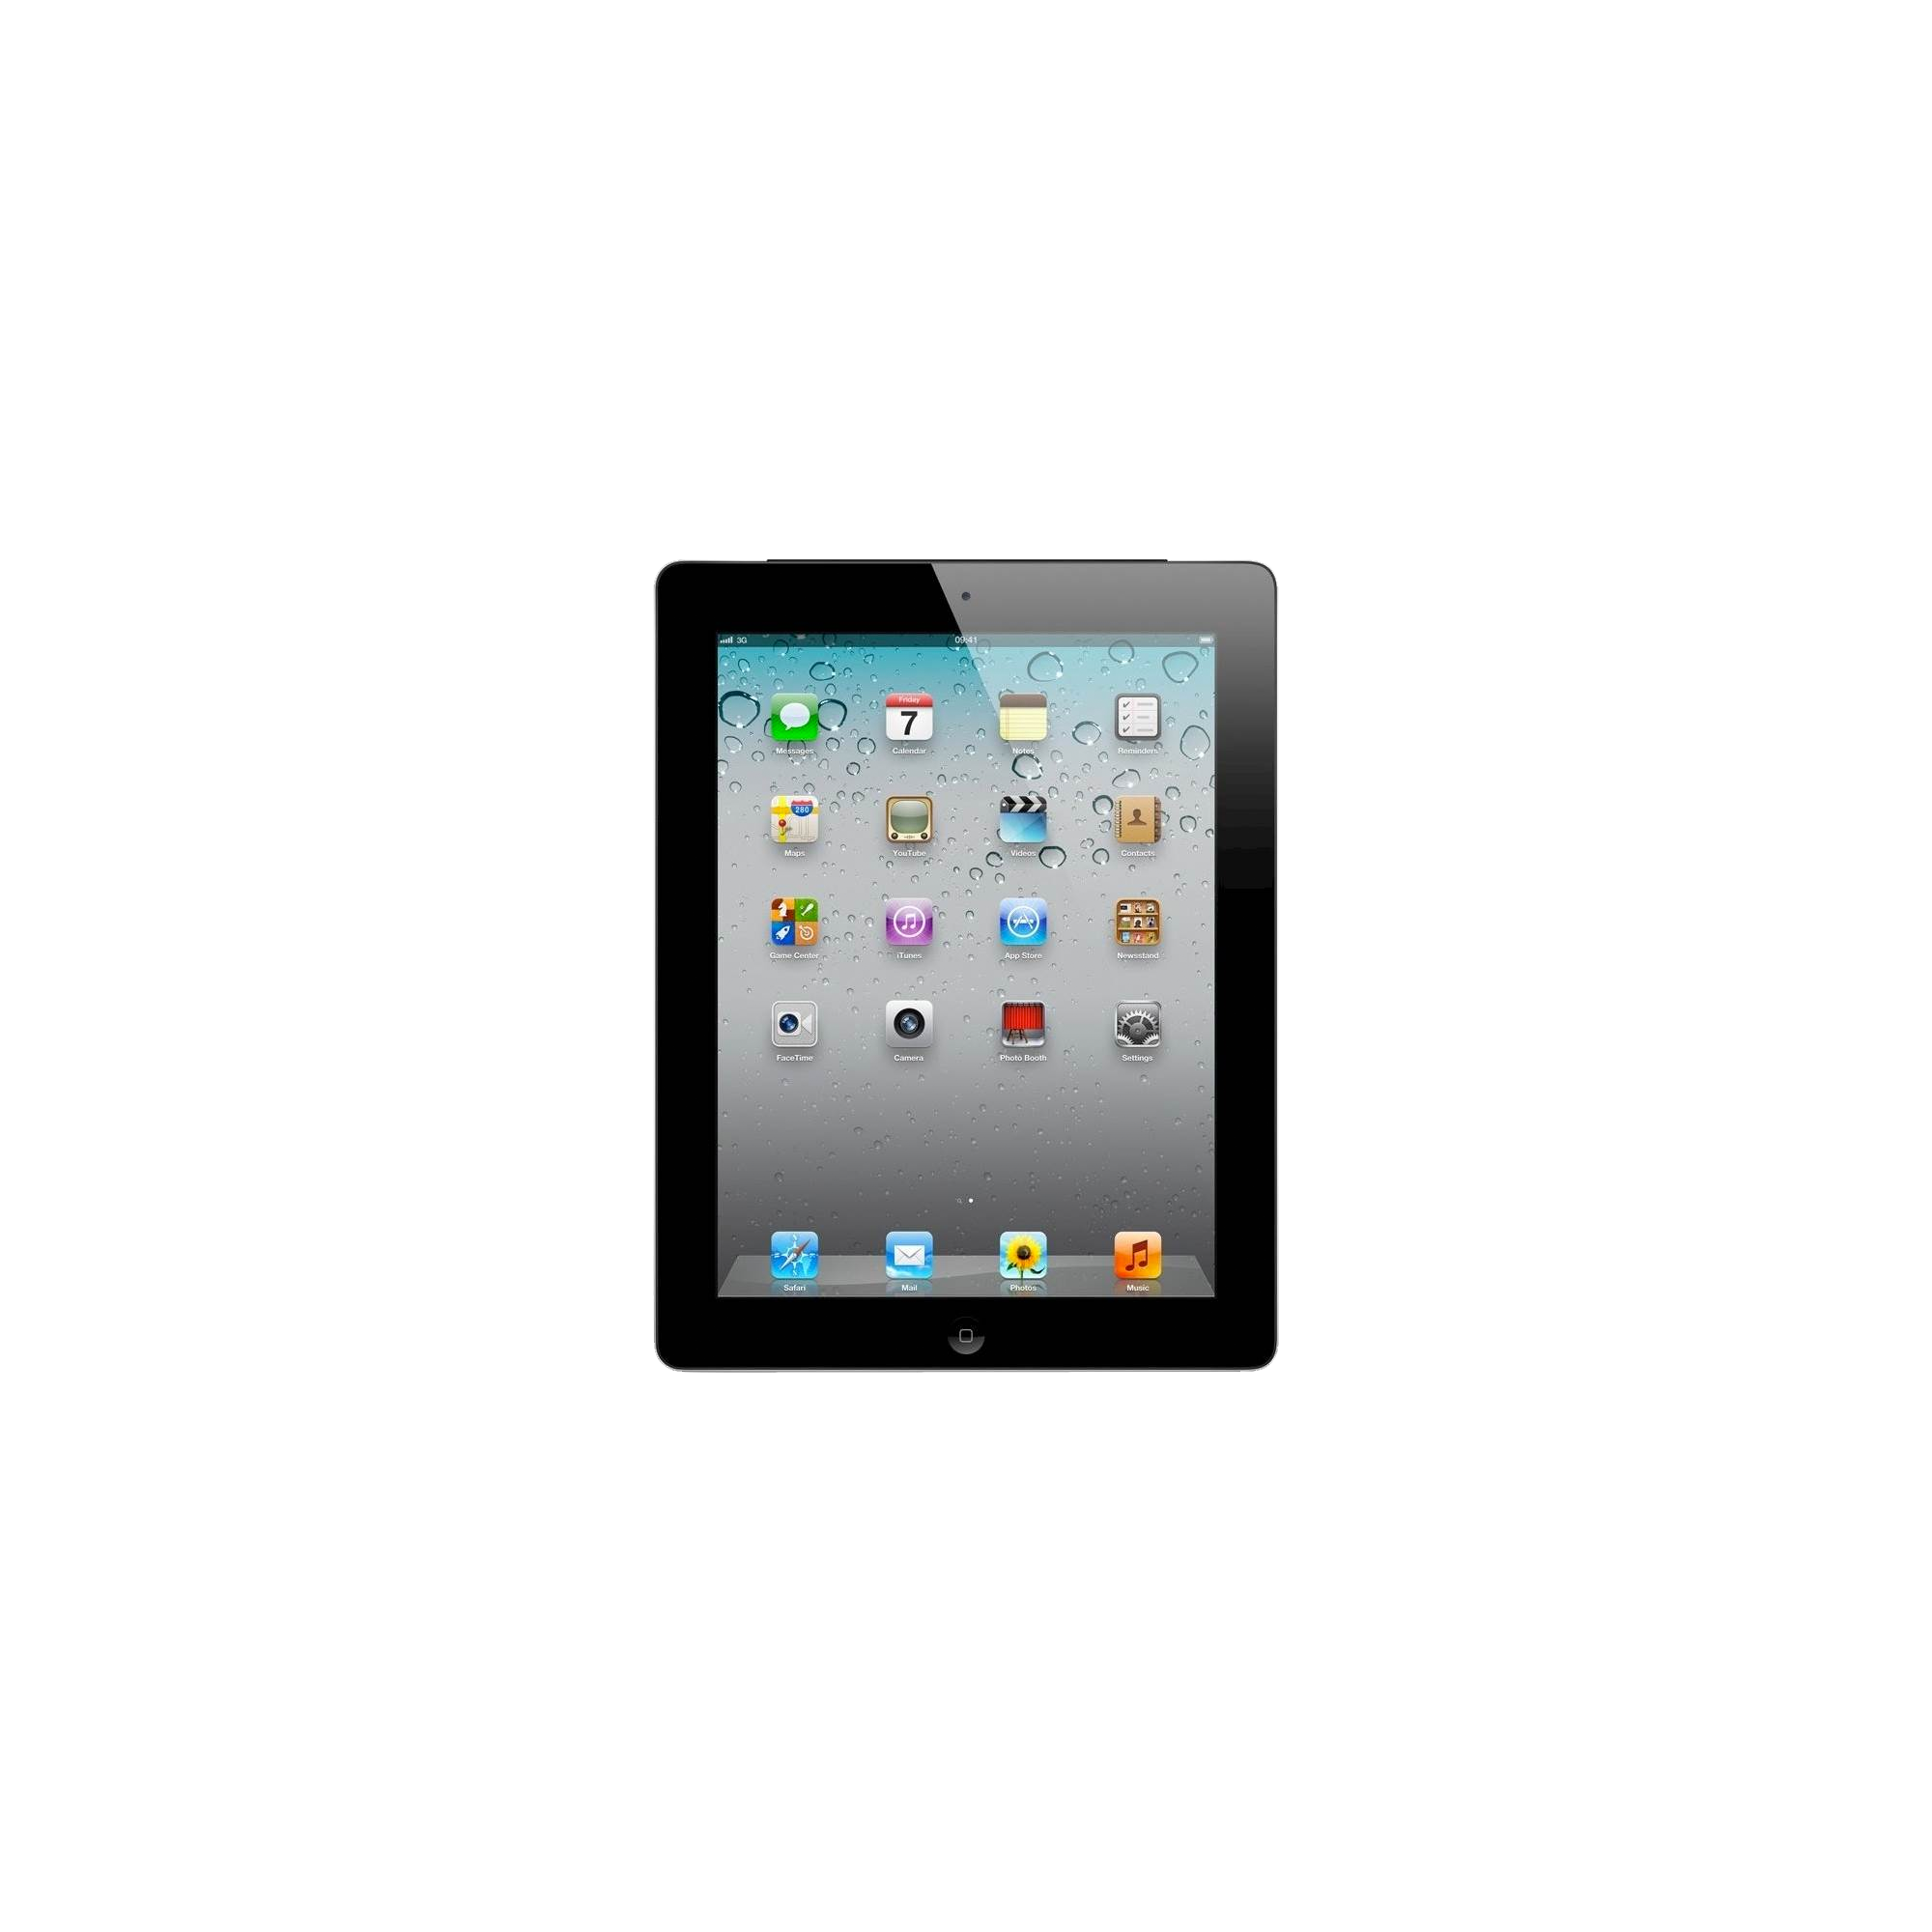 iPad 2 | $80 + tax